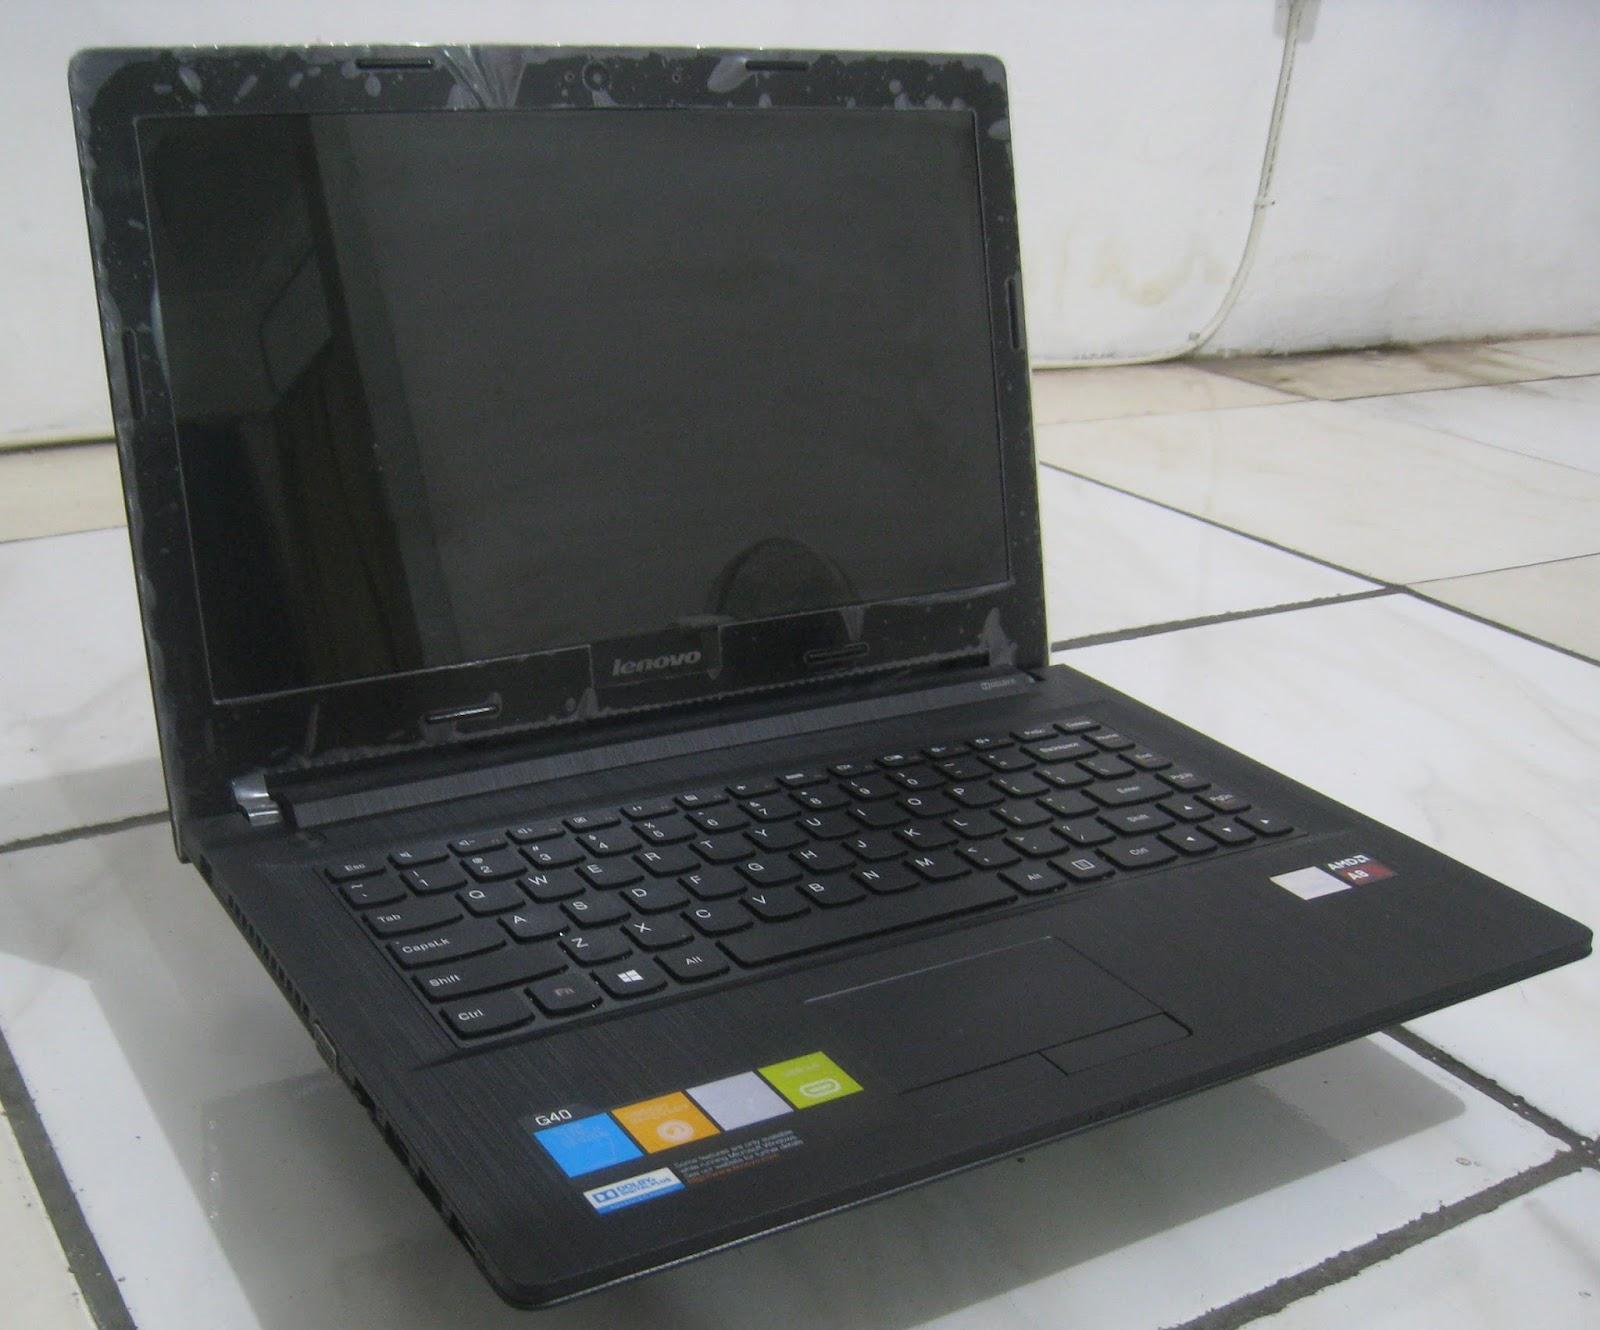 Daftar Harga Laptop Lenovo Terbaru 2015 2016 Jual Beli Laptop Kamera Bekas Service Sparepart Di Malang